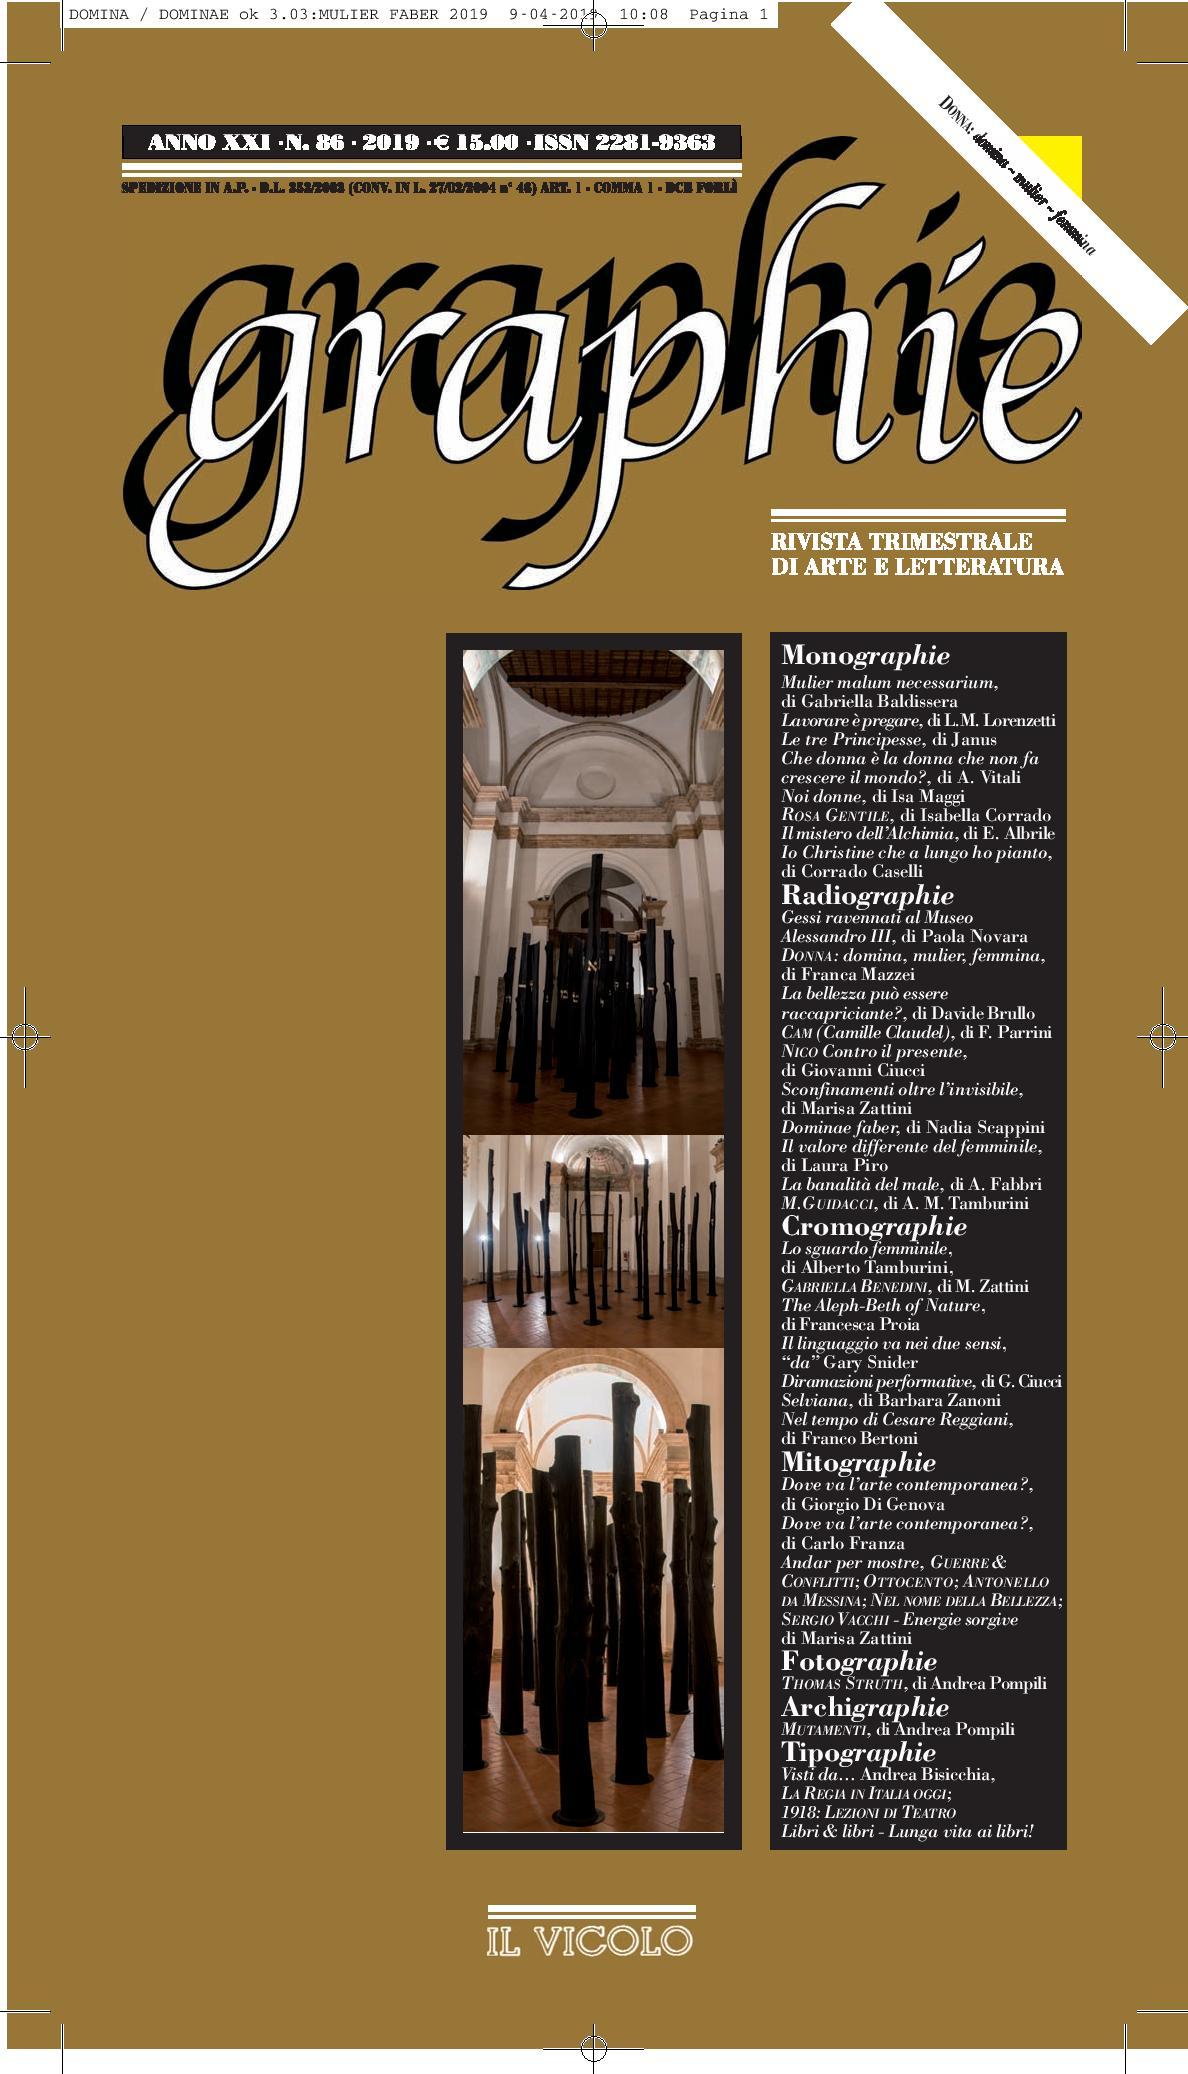 Graphie – Rivista trimestrale di Arte e Letteratura